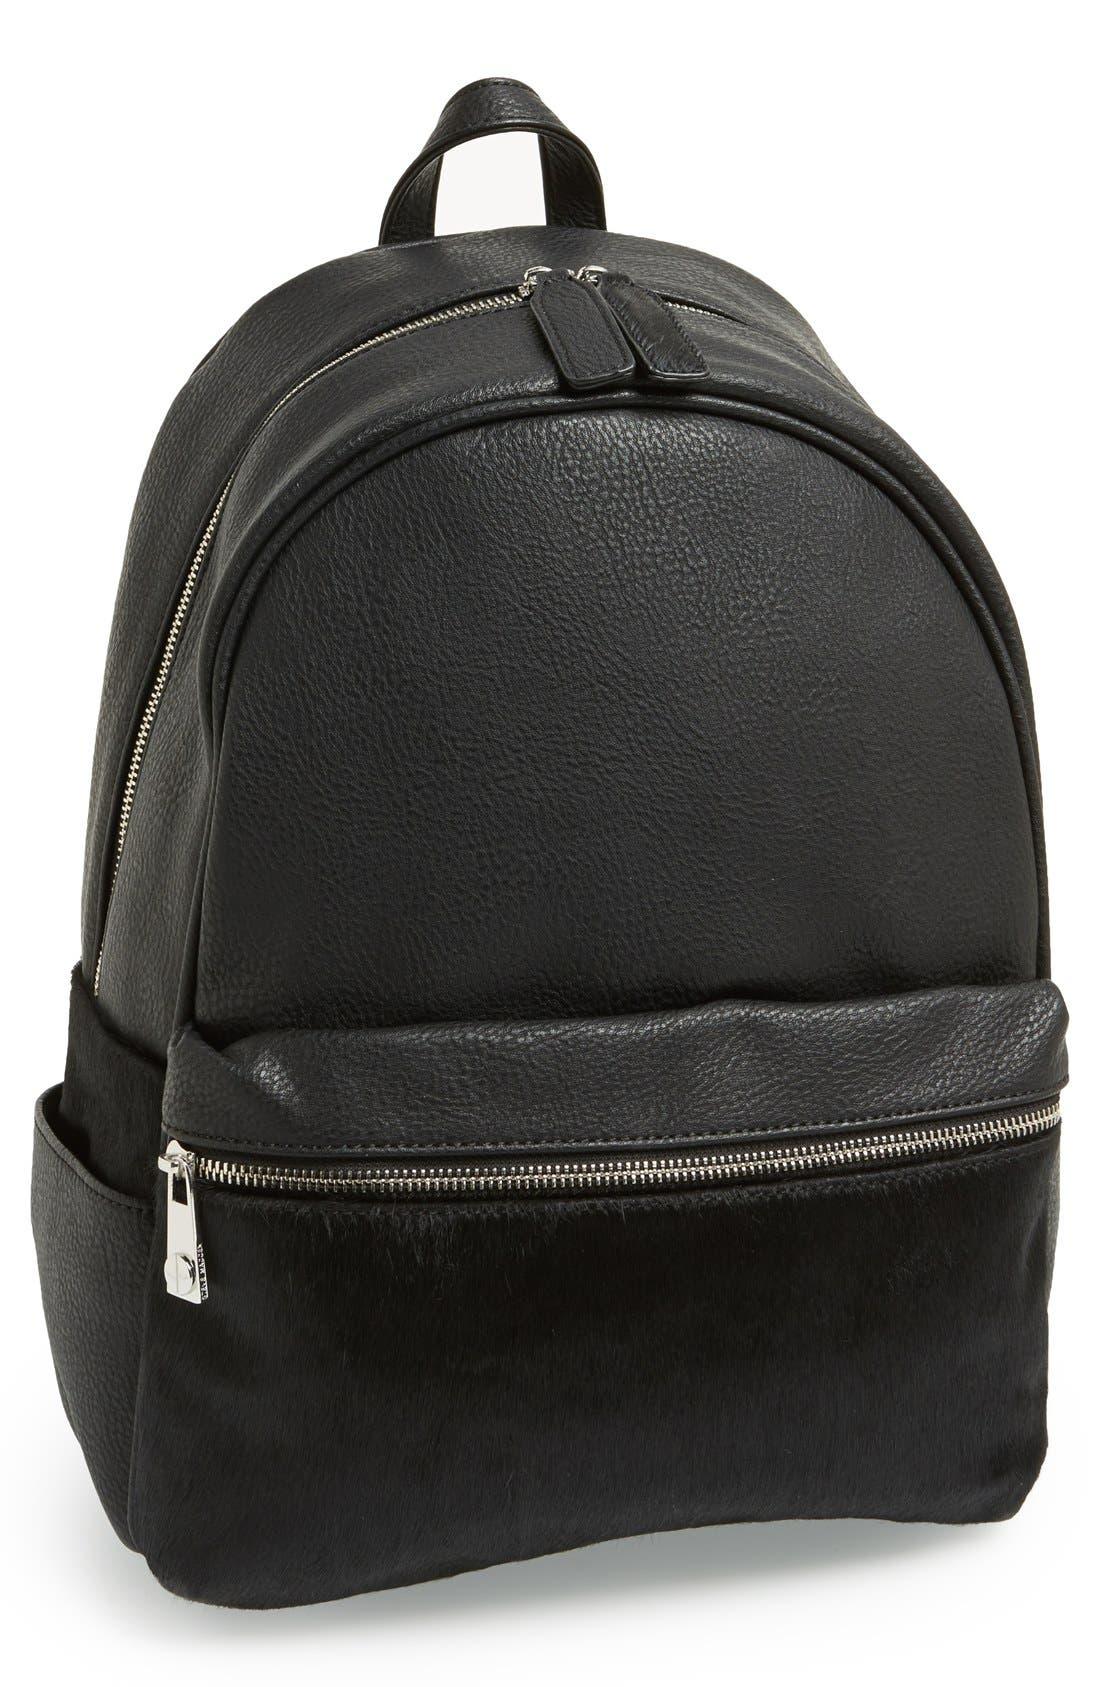 Alternate Image 1 Selected - Steve Madden Genuine Calf Hair Backpack